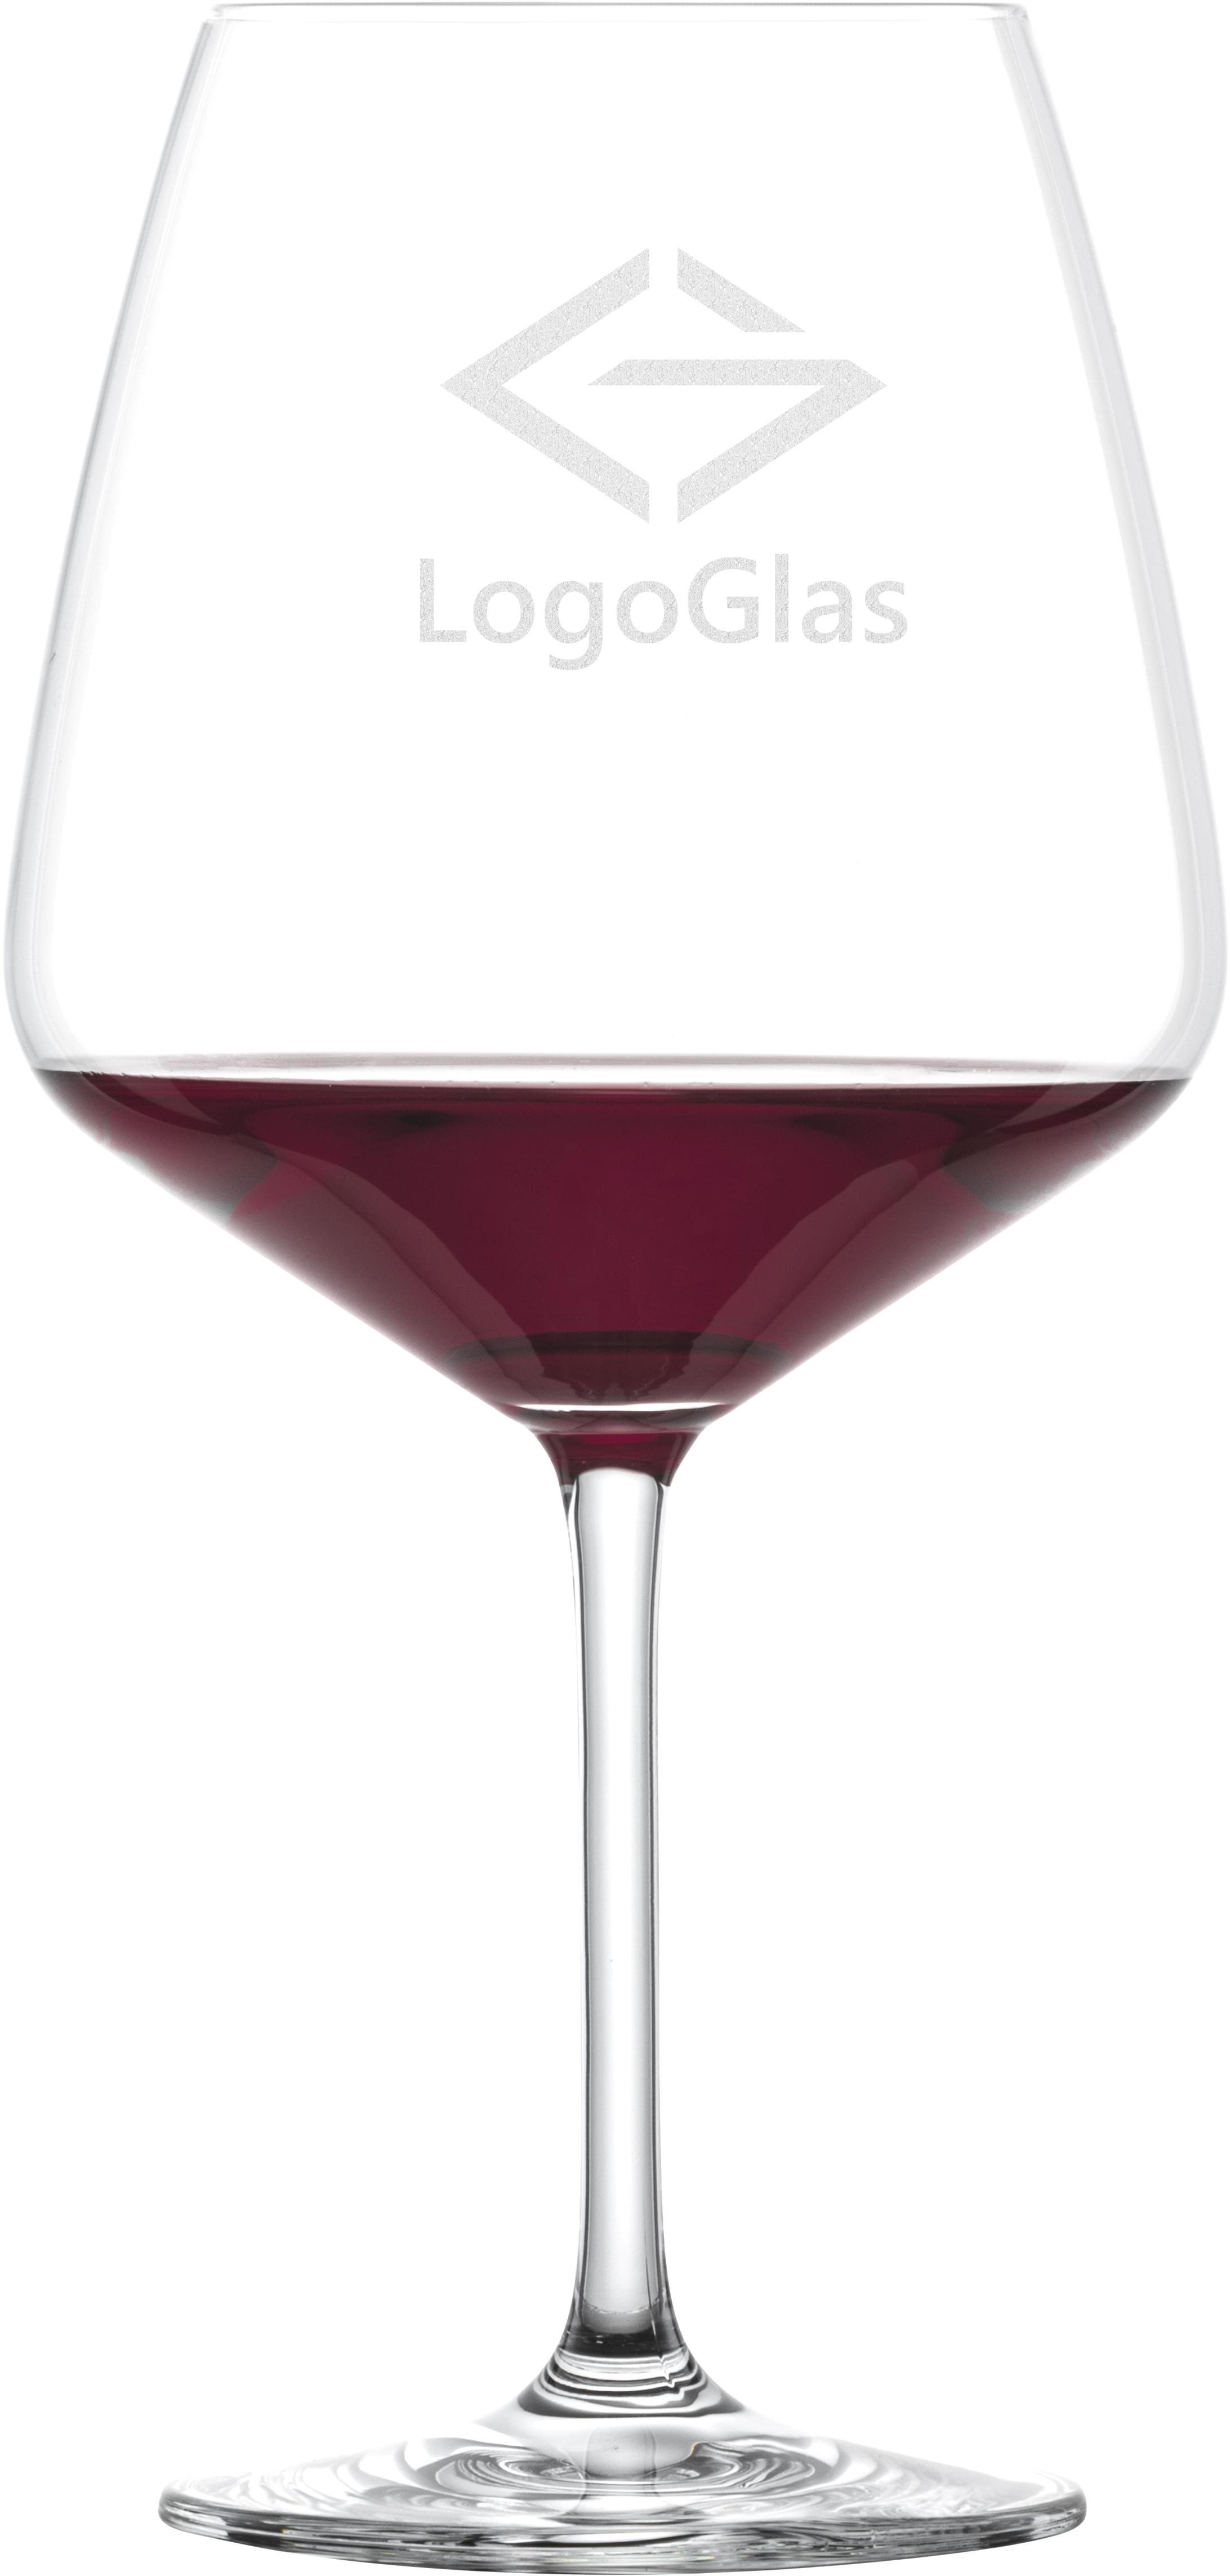 LOGO SCHOTT Burgunderglas TASTE 790ml | Rotweinkelch | mit Logo